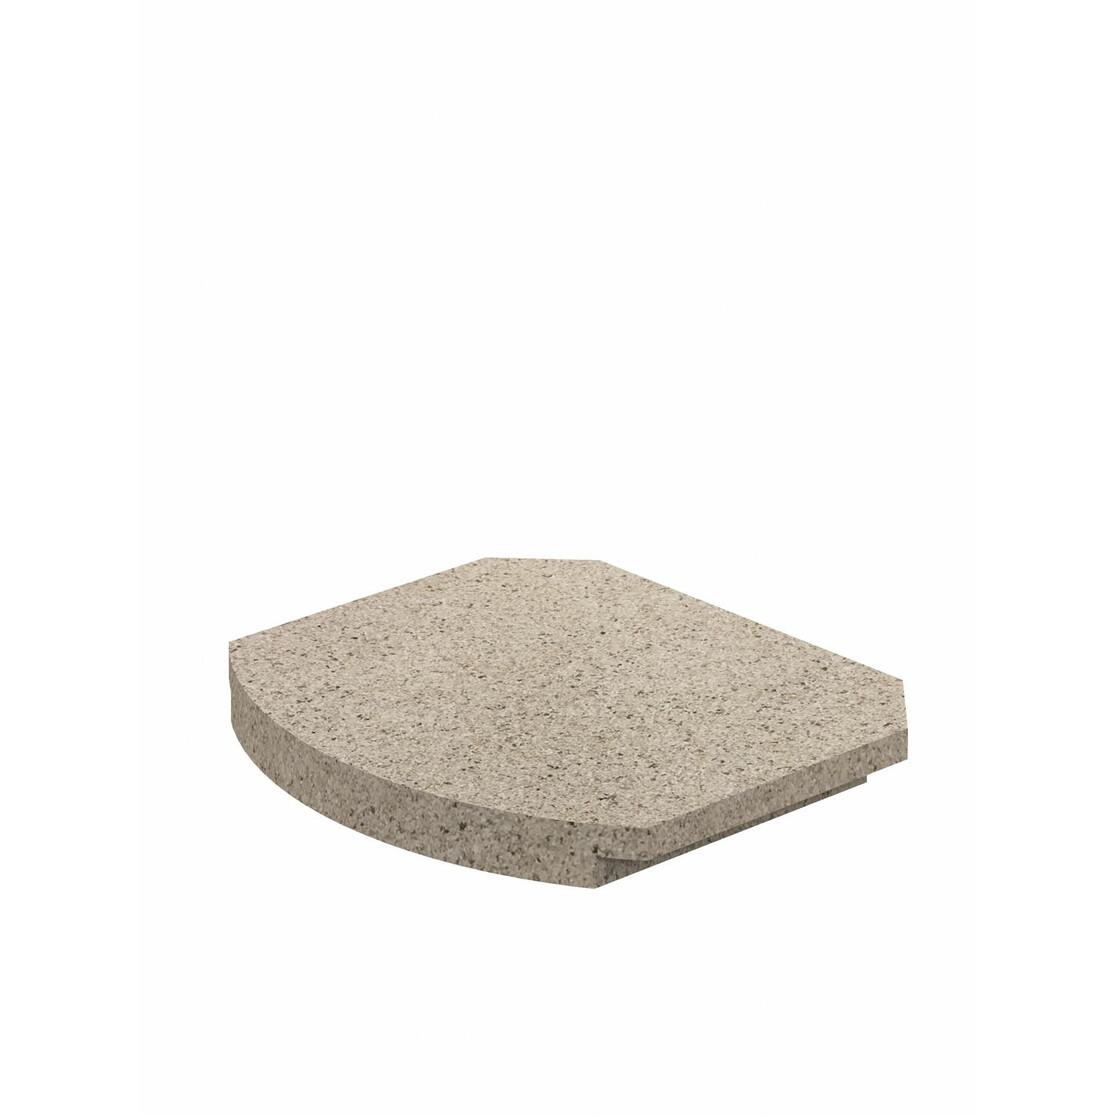 prallplatte olympus hamburg m nchen thermia kaminofen erastzteile 31 50. Black Bedroom Furniture Sets. Home Design Ideas